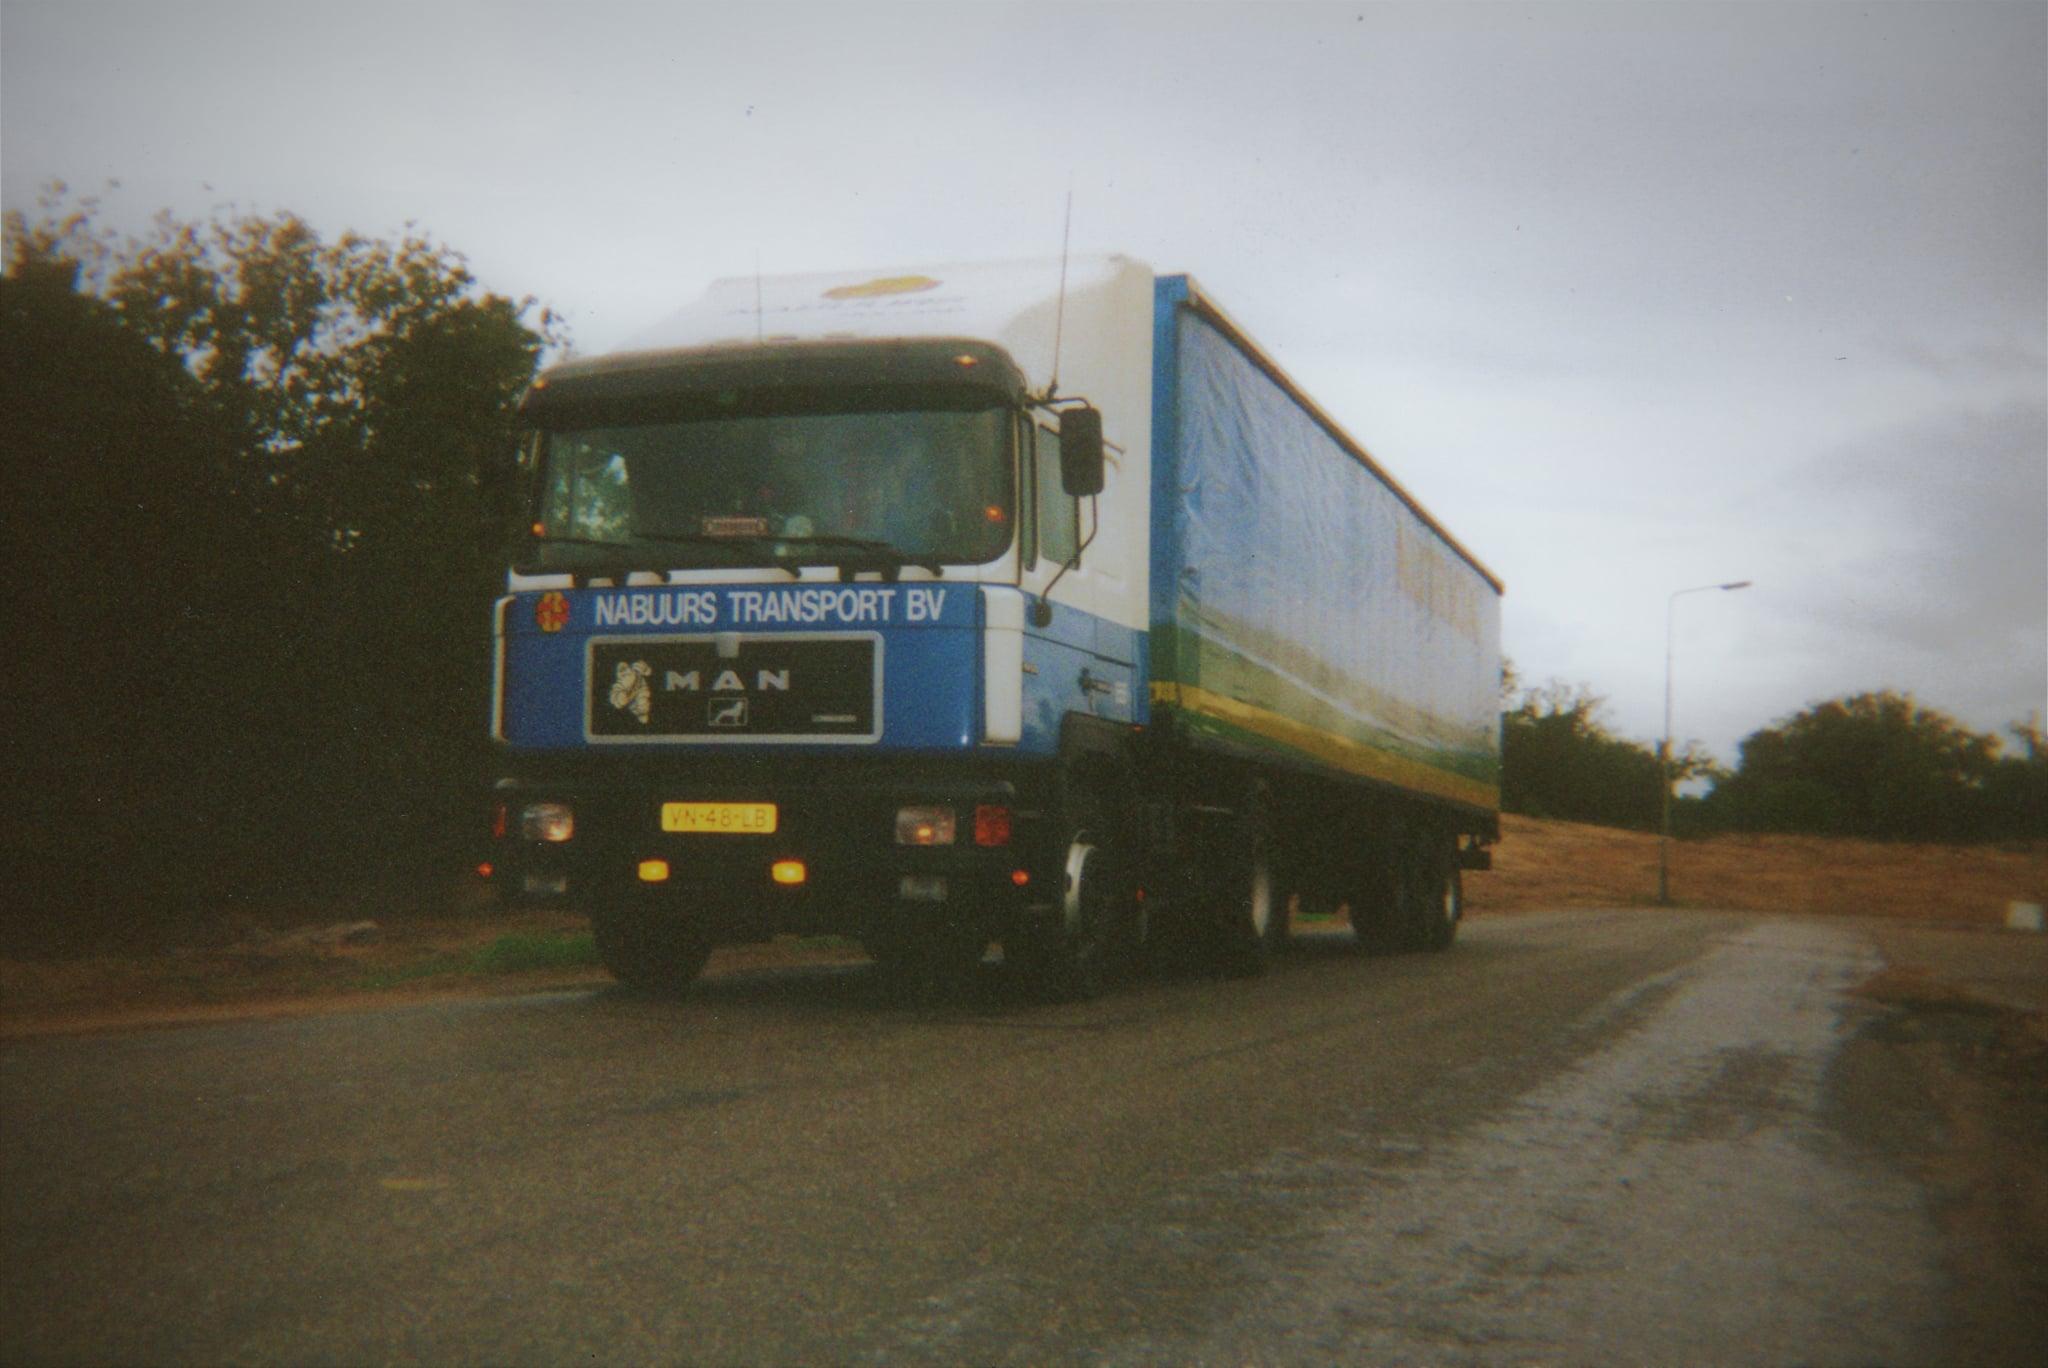 VN-48-LB-in-Nieuw-Bergen-gelost-oplegger-Krone-nr--4013--Op-de-vloer-lagen-de-planken-dwars-ipv-in-de-lengte-richting-echt-fijn-rijden-met-een-pompwagen-nee-dus-Koen-Smit